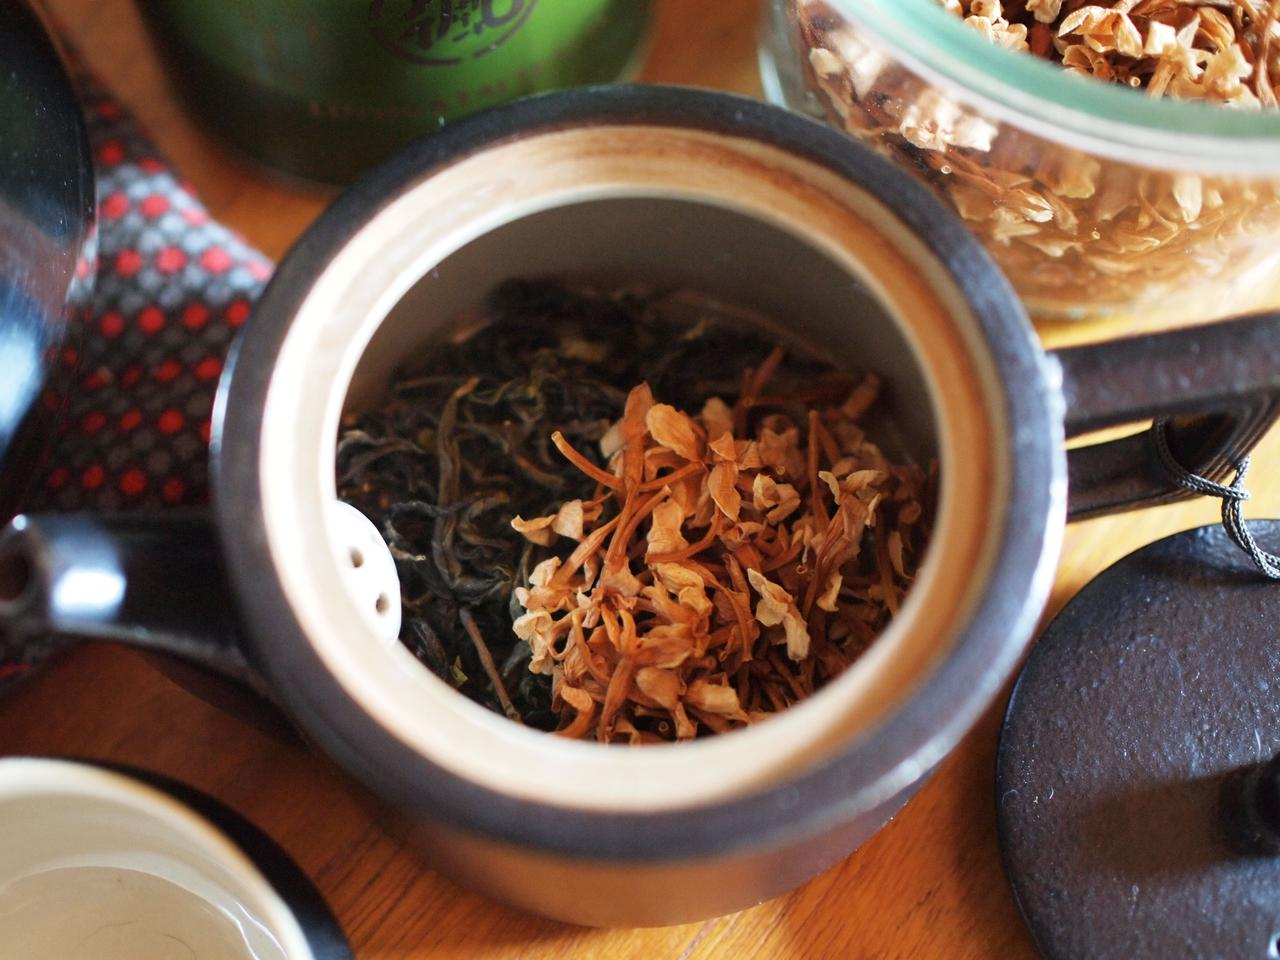 画像: ジャスミンの摘みたての花の香りを緑茶などの茶葉にうつすのが正解のようですが、カビが気になるので個別で乾燥させて、飲むときにブレンドする方法で楽しんでいます。ベースの茶葉は息子も大好きな文山包種茶